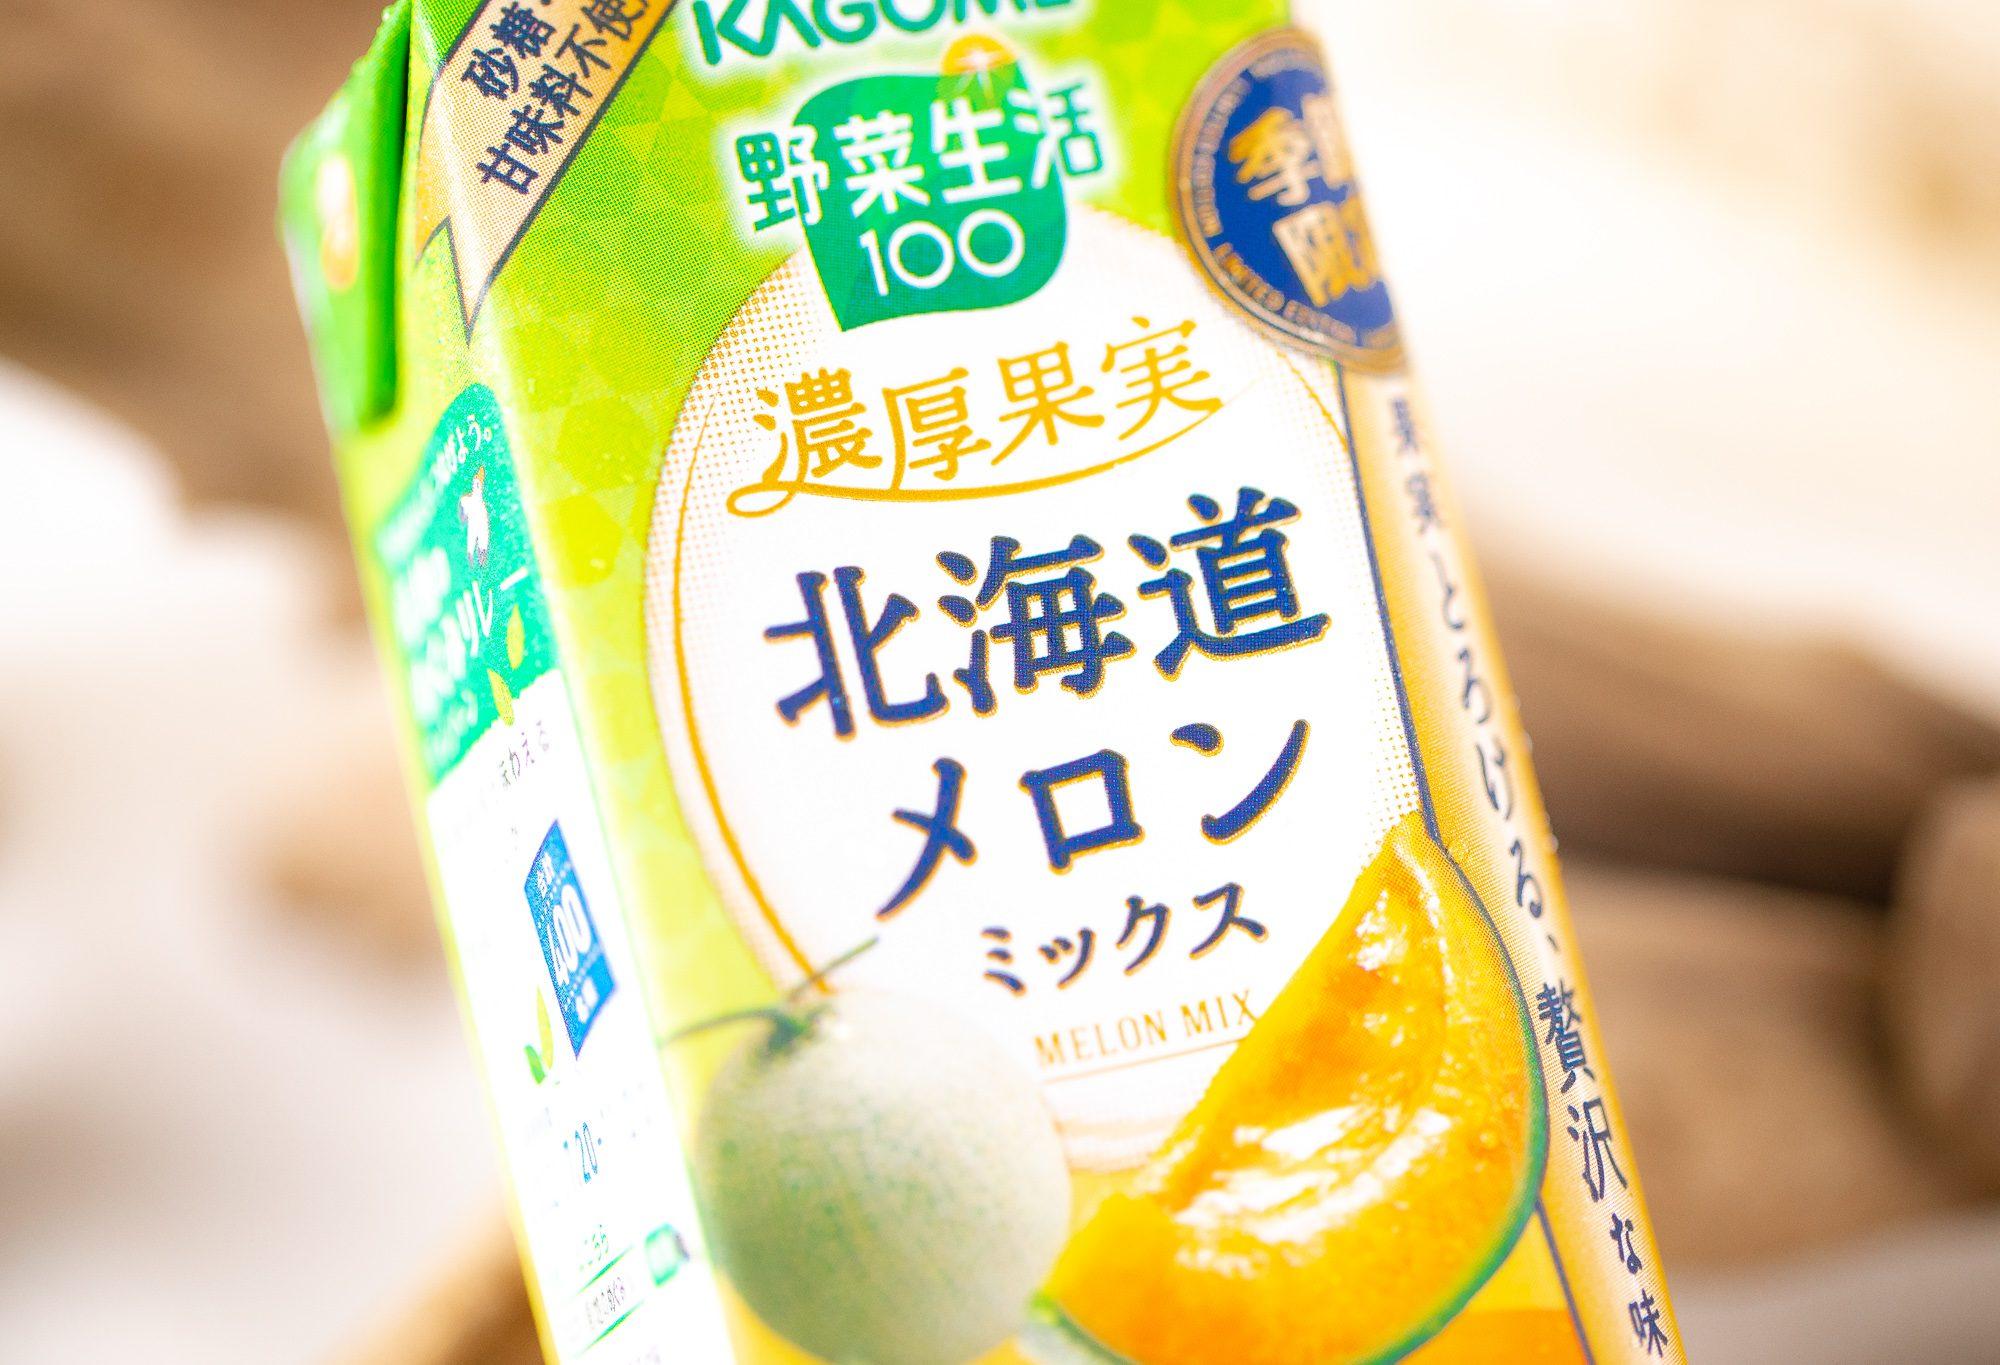 カゴメ『野菜生活100 濃厚果実 北海道メロンミックス』は北海道メロンの甘くとろけるような味わいやケールのほのかな苦味が美味しい大人贅沢なミックスジュース!